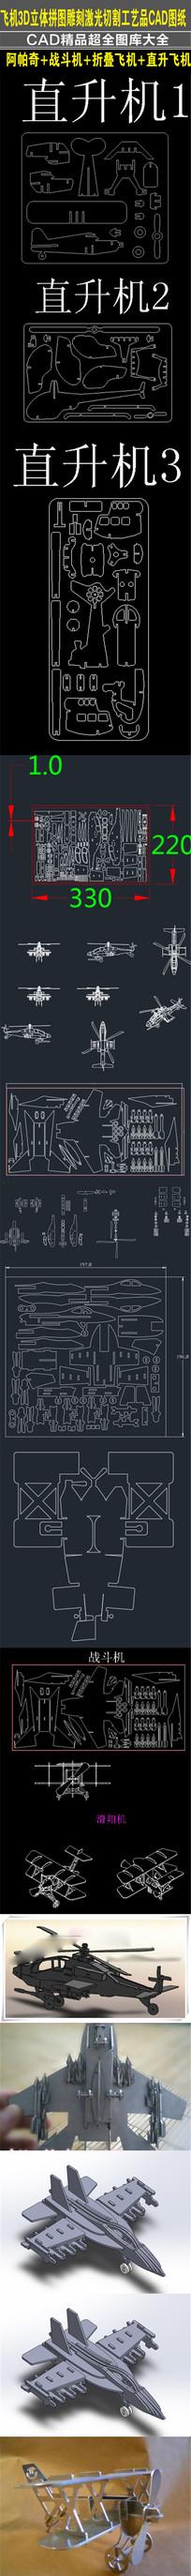 飛機雕刻激光切割工藝品CAD